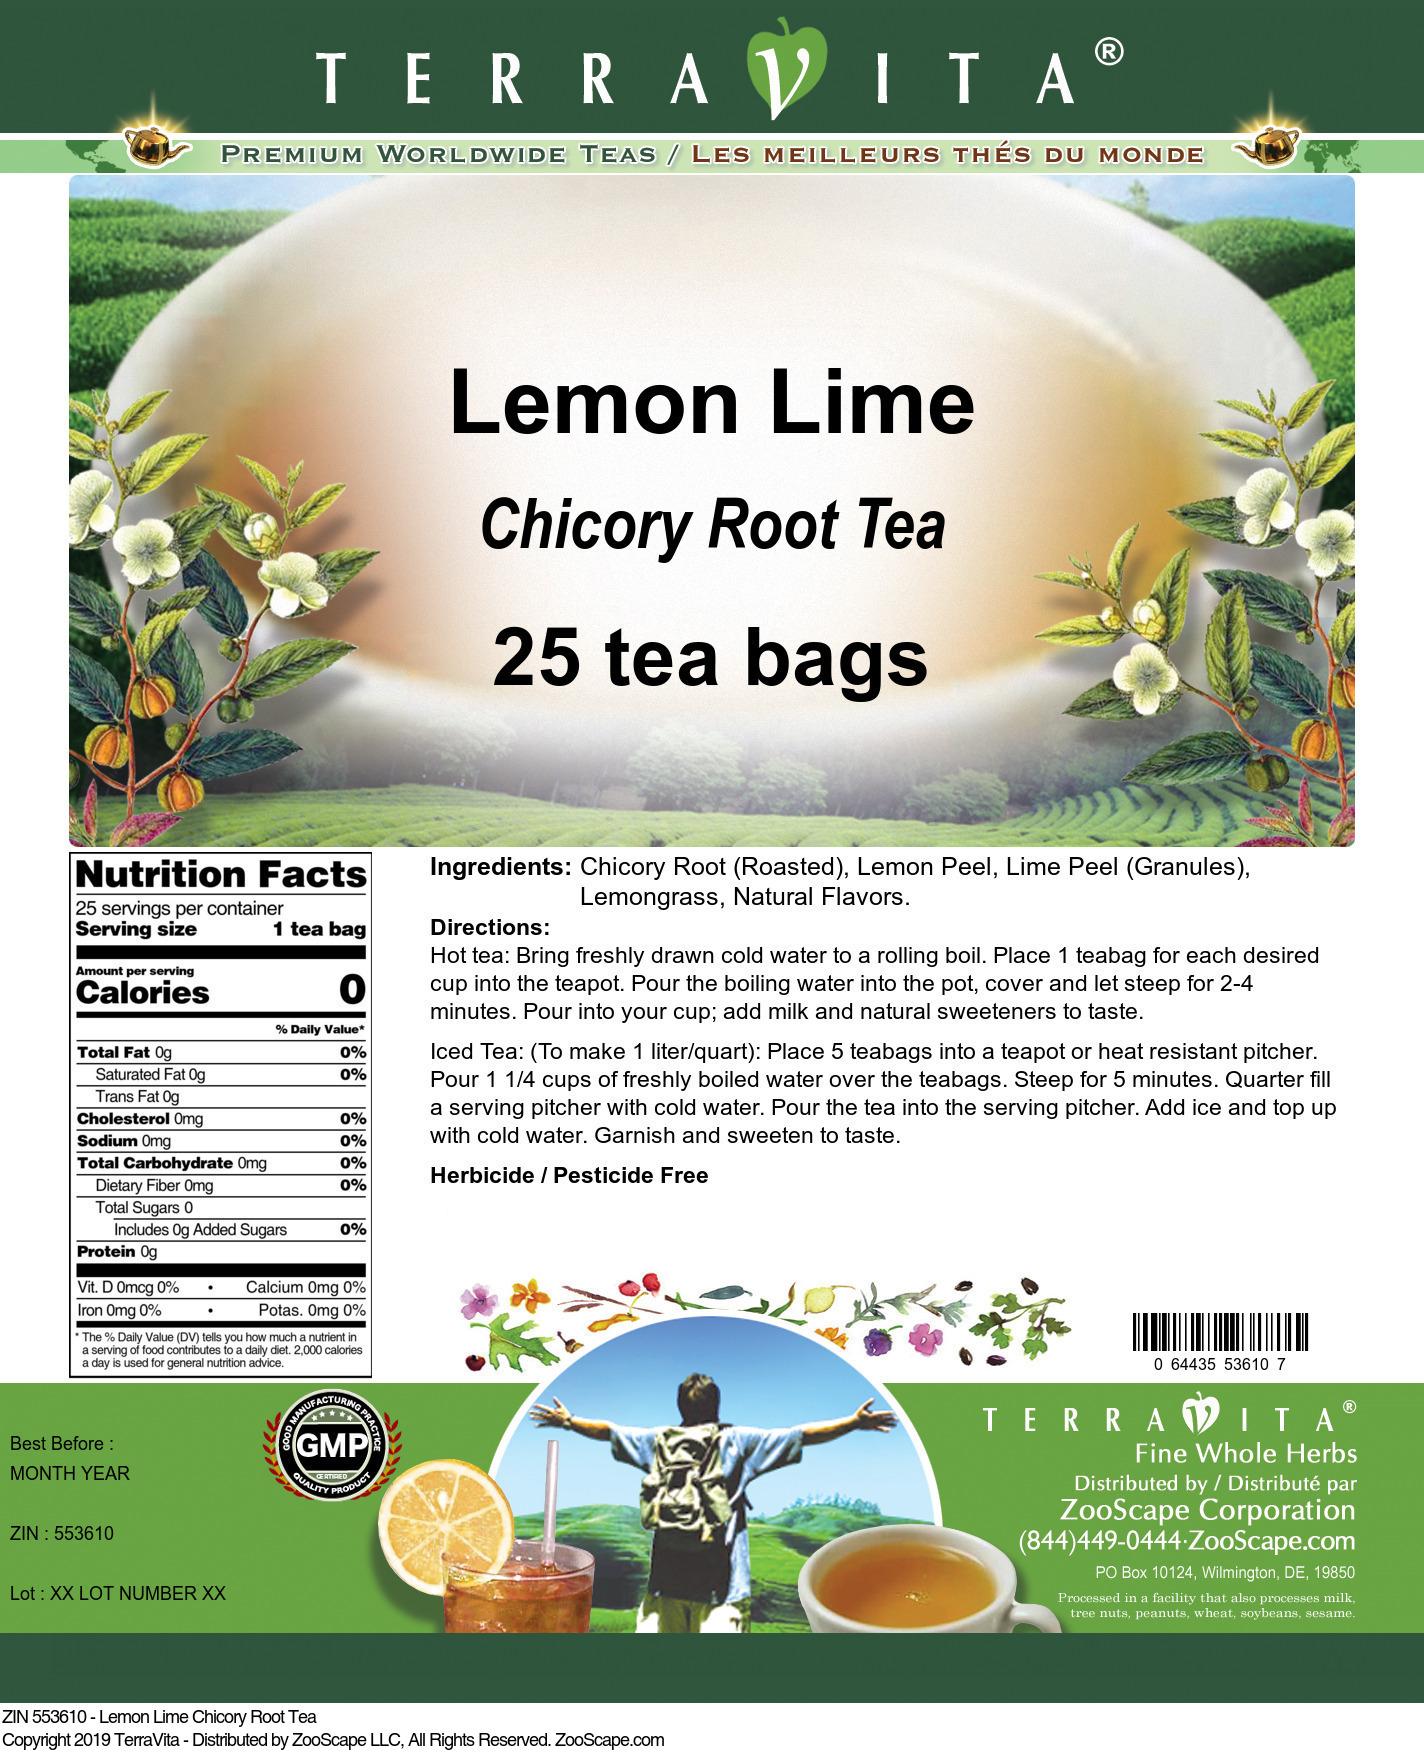 Lemon Lime Chicory Root Tea